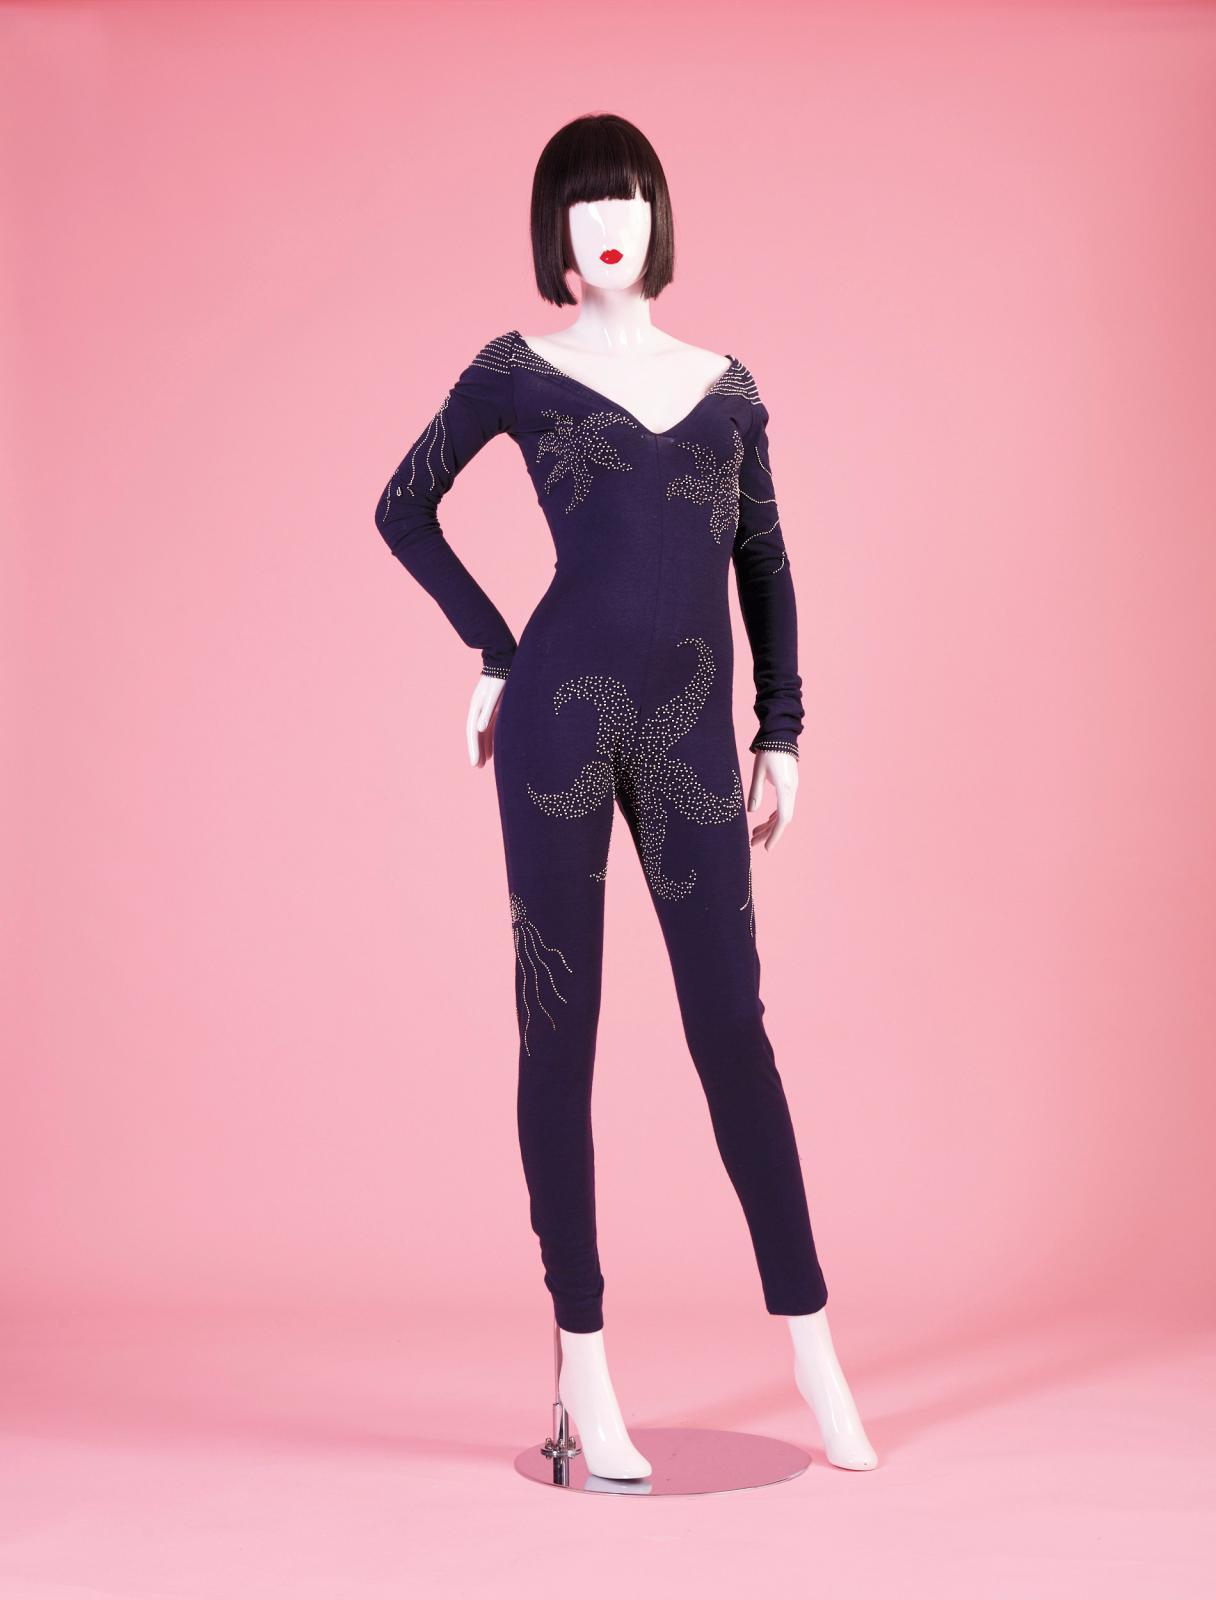 Chantal Thomass, automne-hiver 1979, combinaison en jersey de laine bleue brodée d'étoiles de mer en perles. Estimation : 200/220 € © JO Z